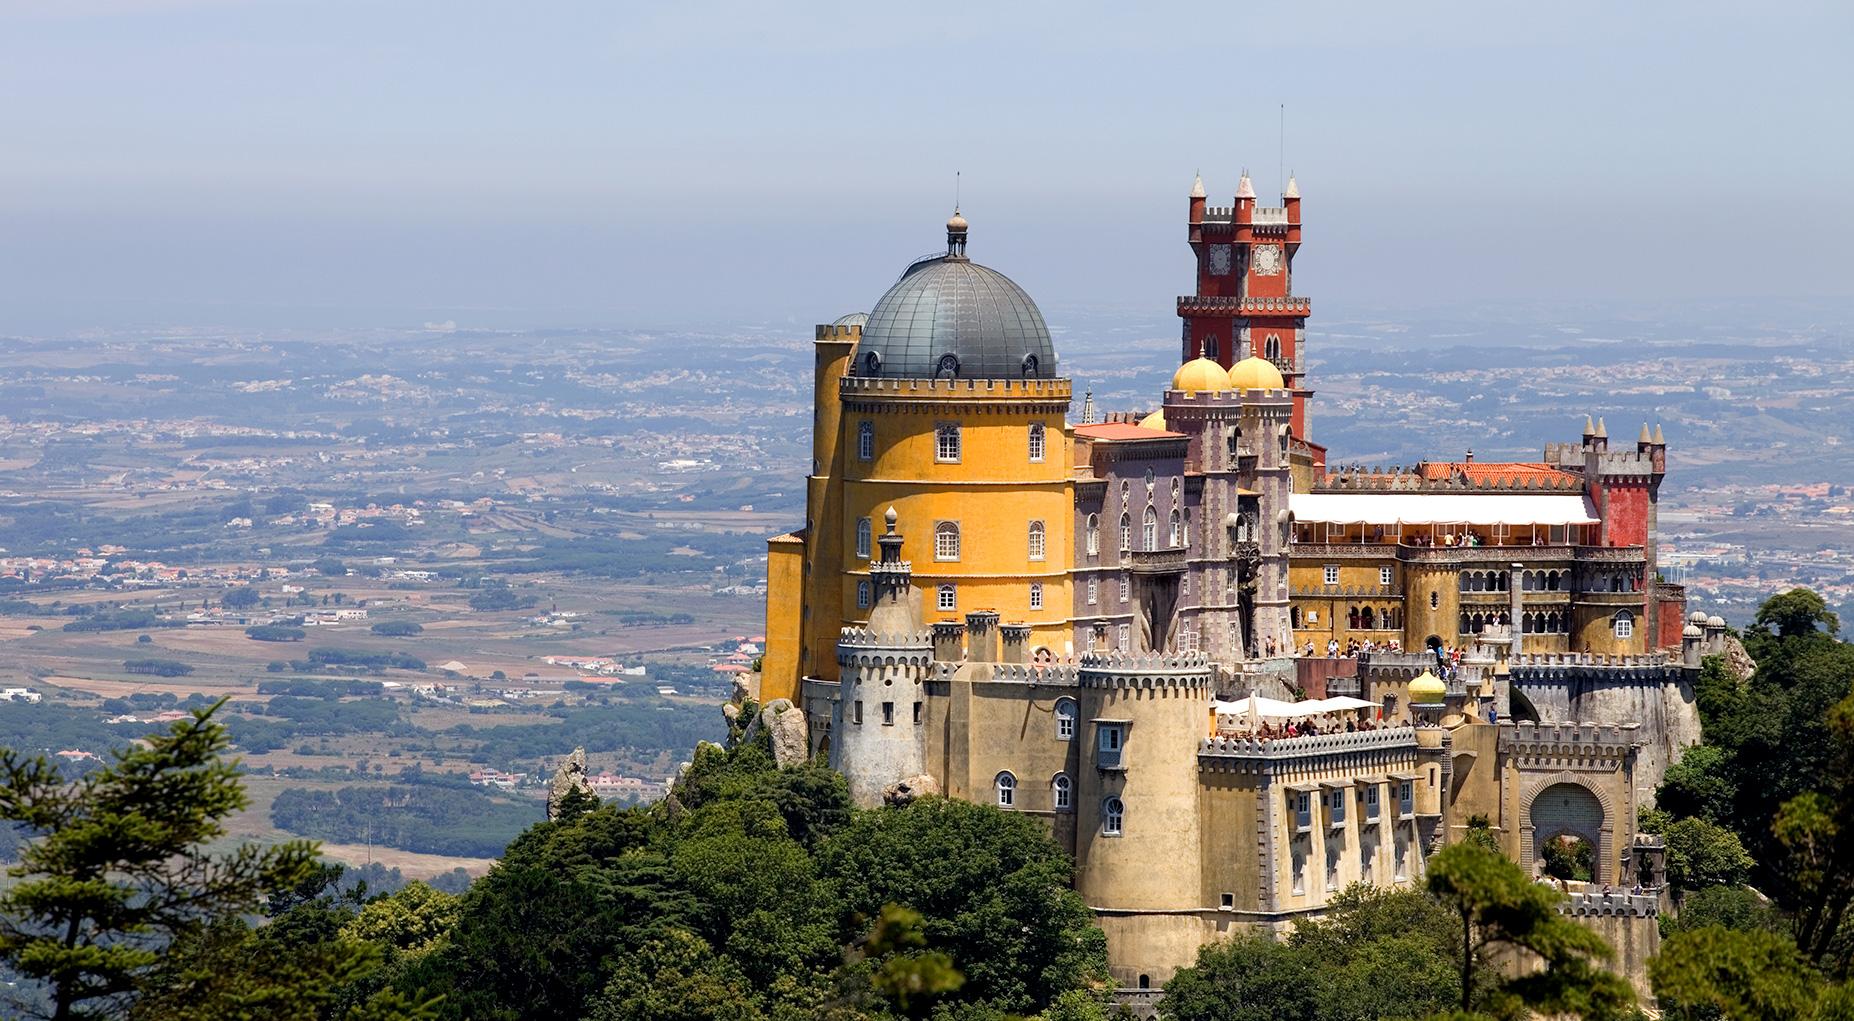 Vista panorâmica da Serra de SIntra e do Palácio da Pena